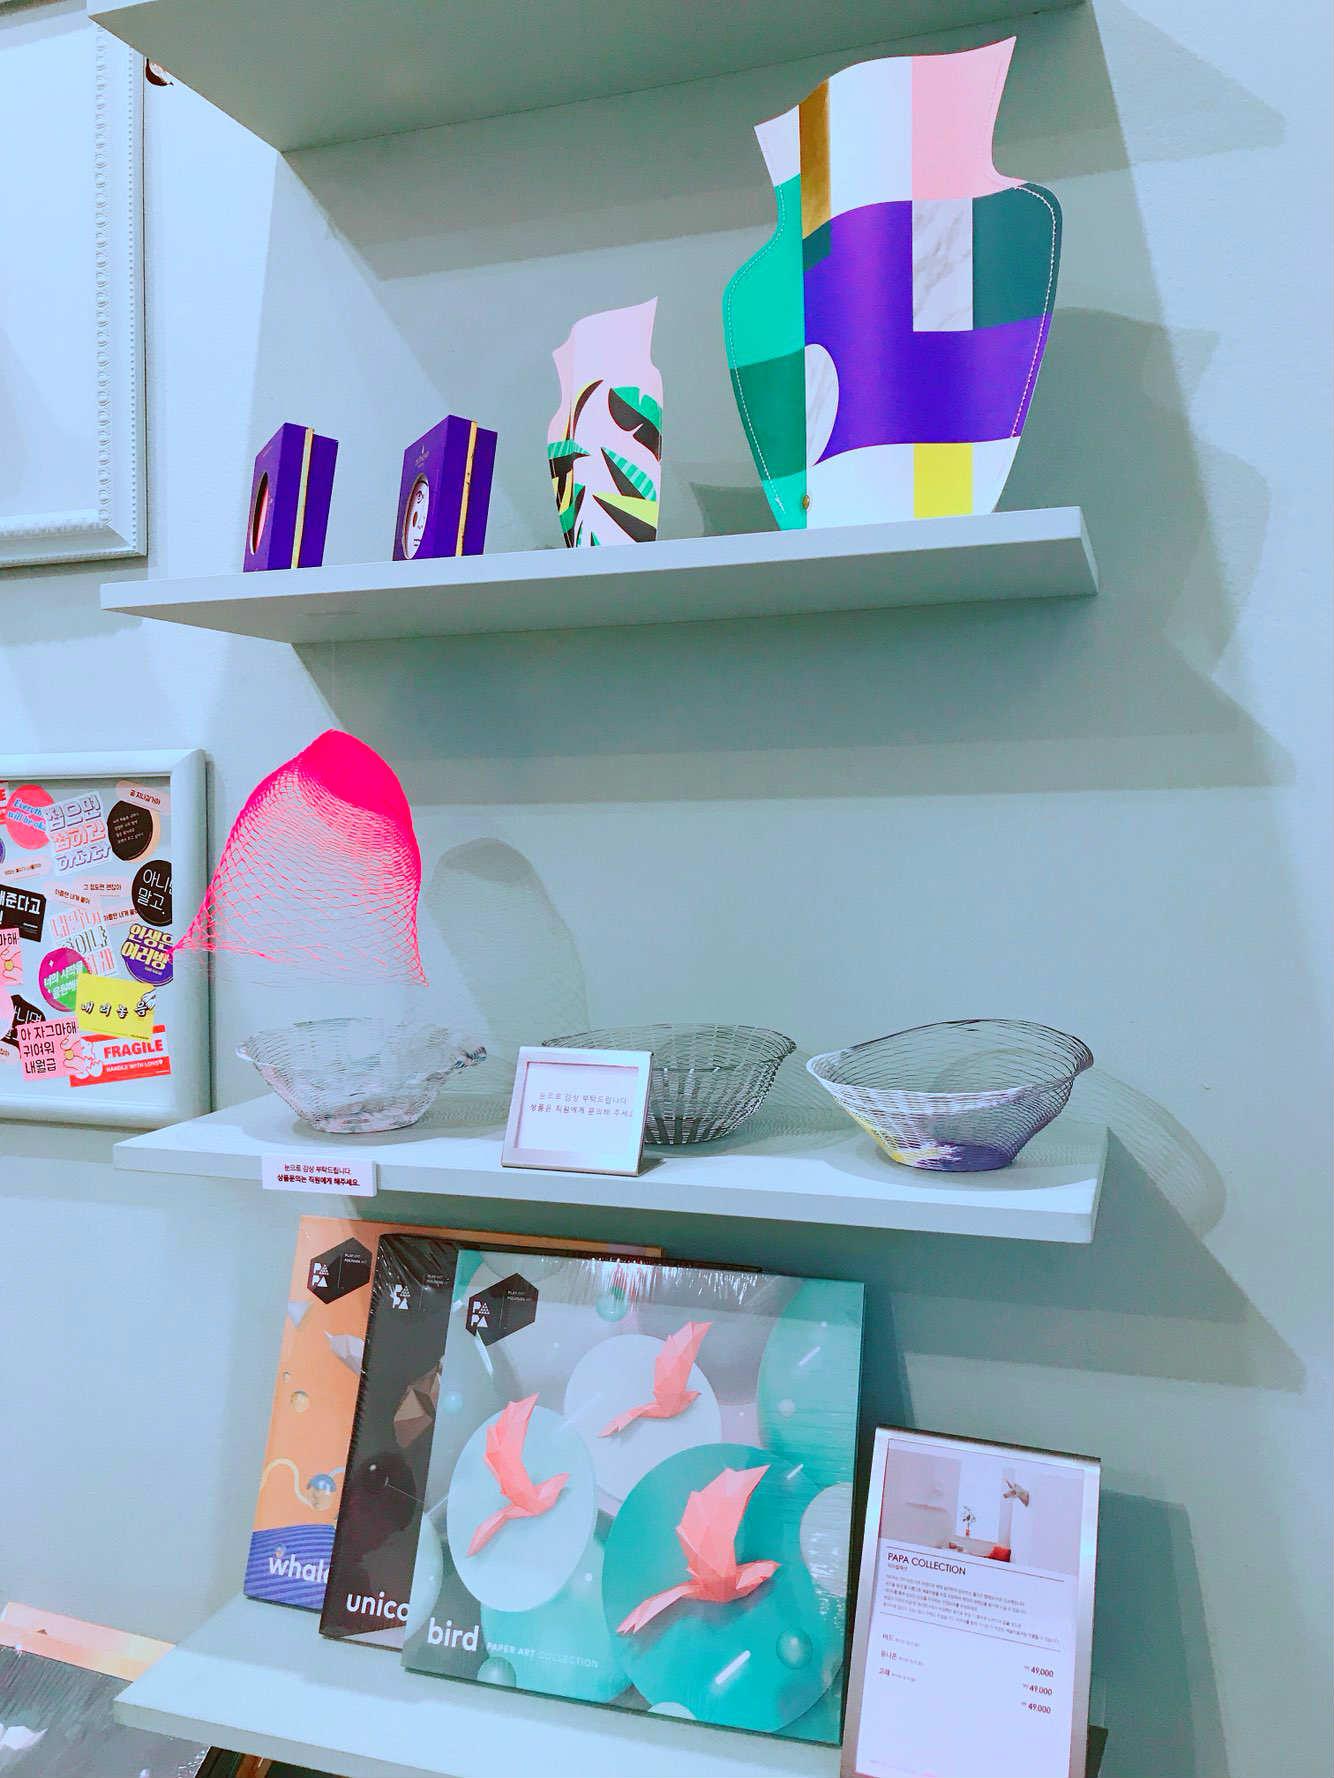 展覽都看完之後,還有賣紀念品的地方,每個產品看起來都相當有質感。